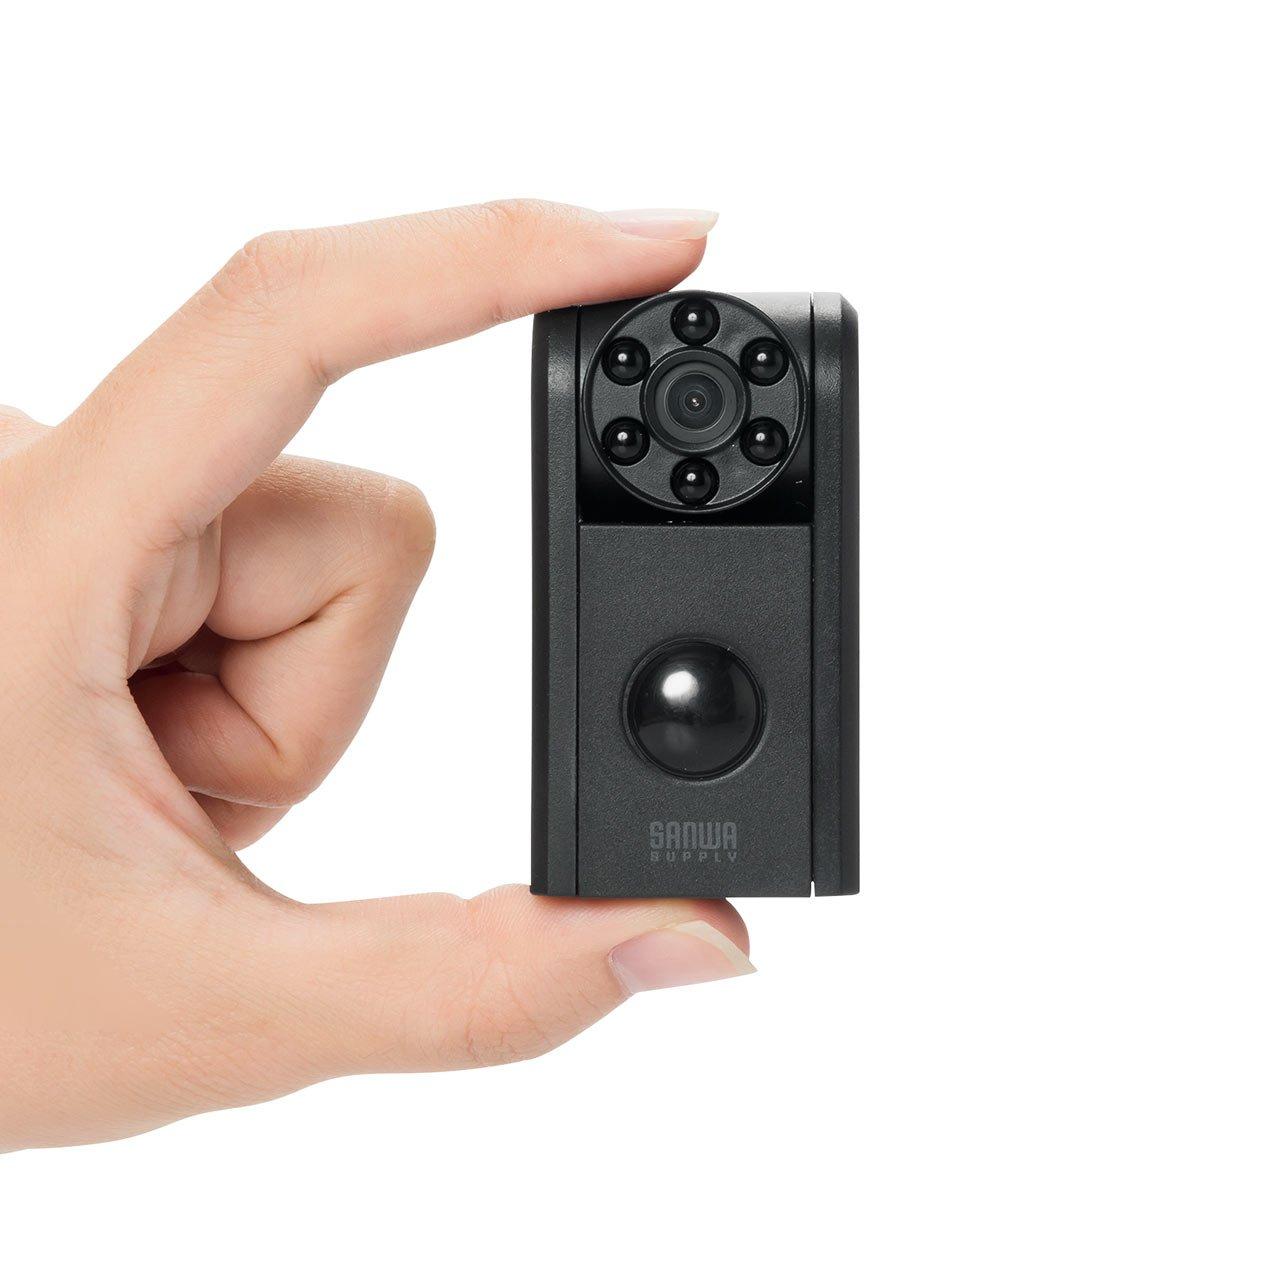 サンワダイレクト 防犯カメラ 小型 赤外線LED 夜間撮影 人感センサー microSD保存 音声録音 HD画質 最大12ヶ月待機可能 400-CAM062 B076J32Q1D